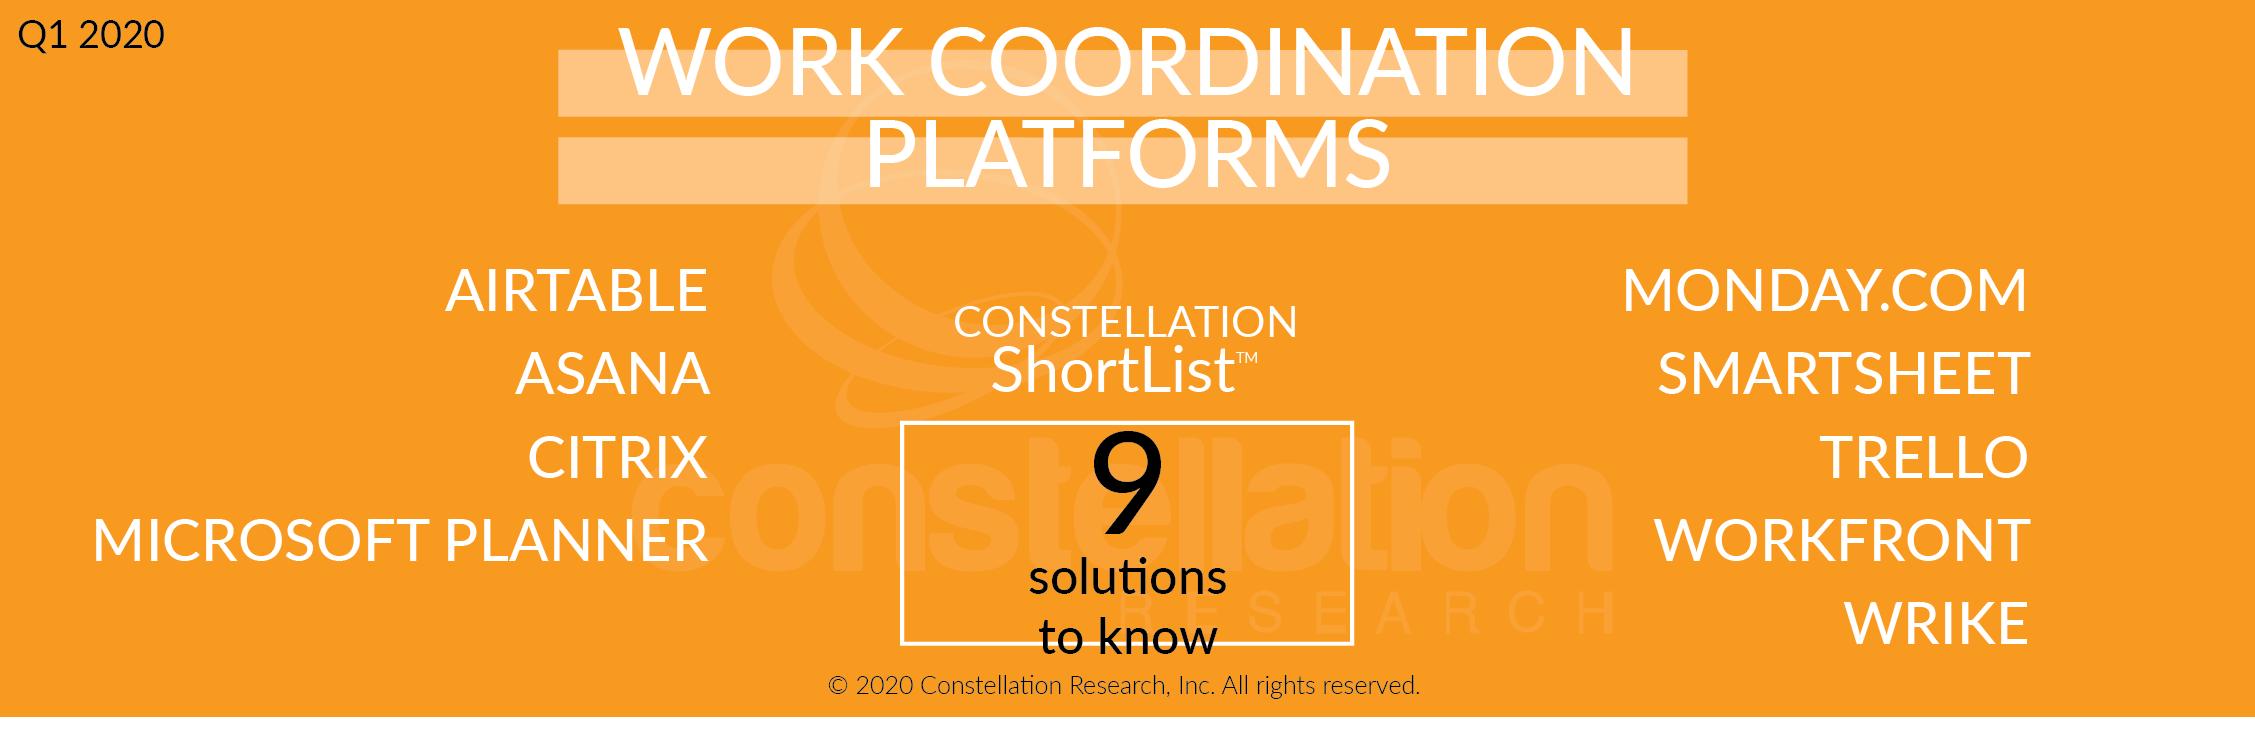 Work Coordination Platforms Shortlist | Airtable Asana Citrix Microsoft Planner Monday.com Trello Workfront